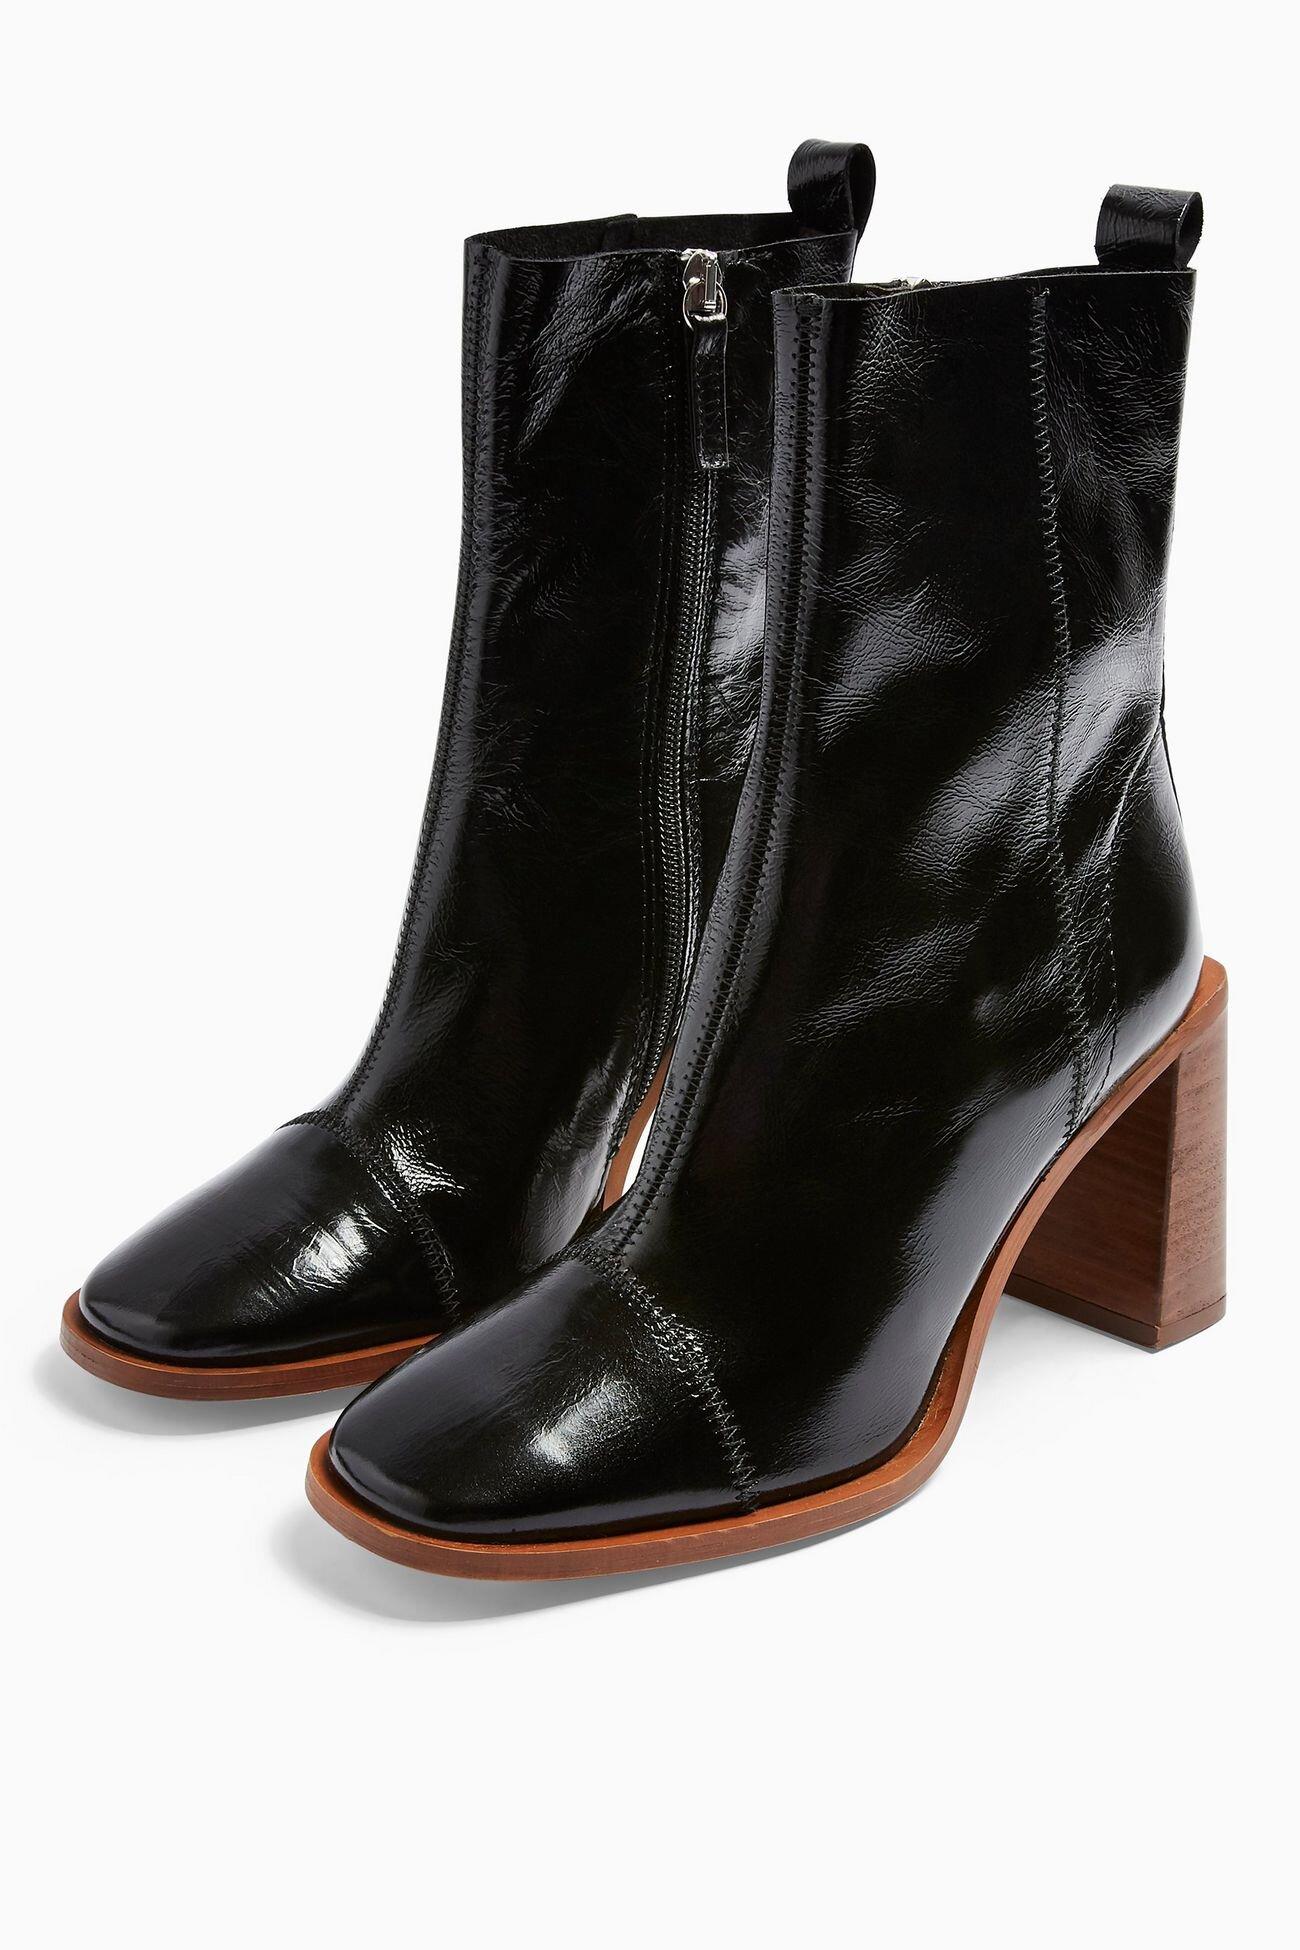 Topshop Homerun Boots